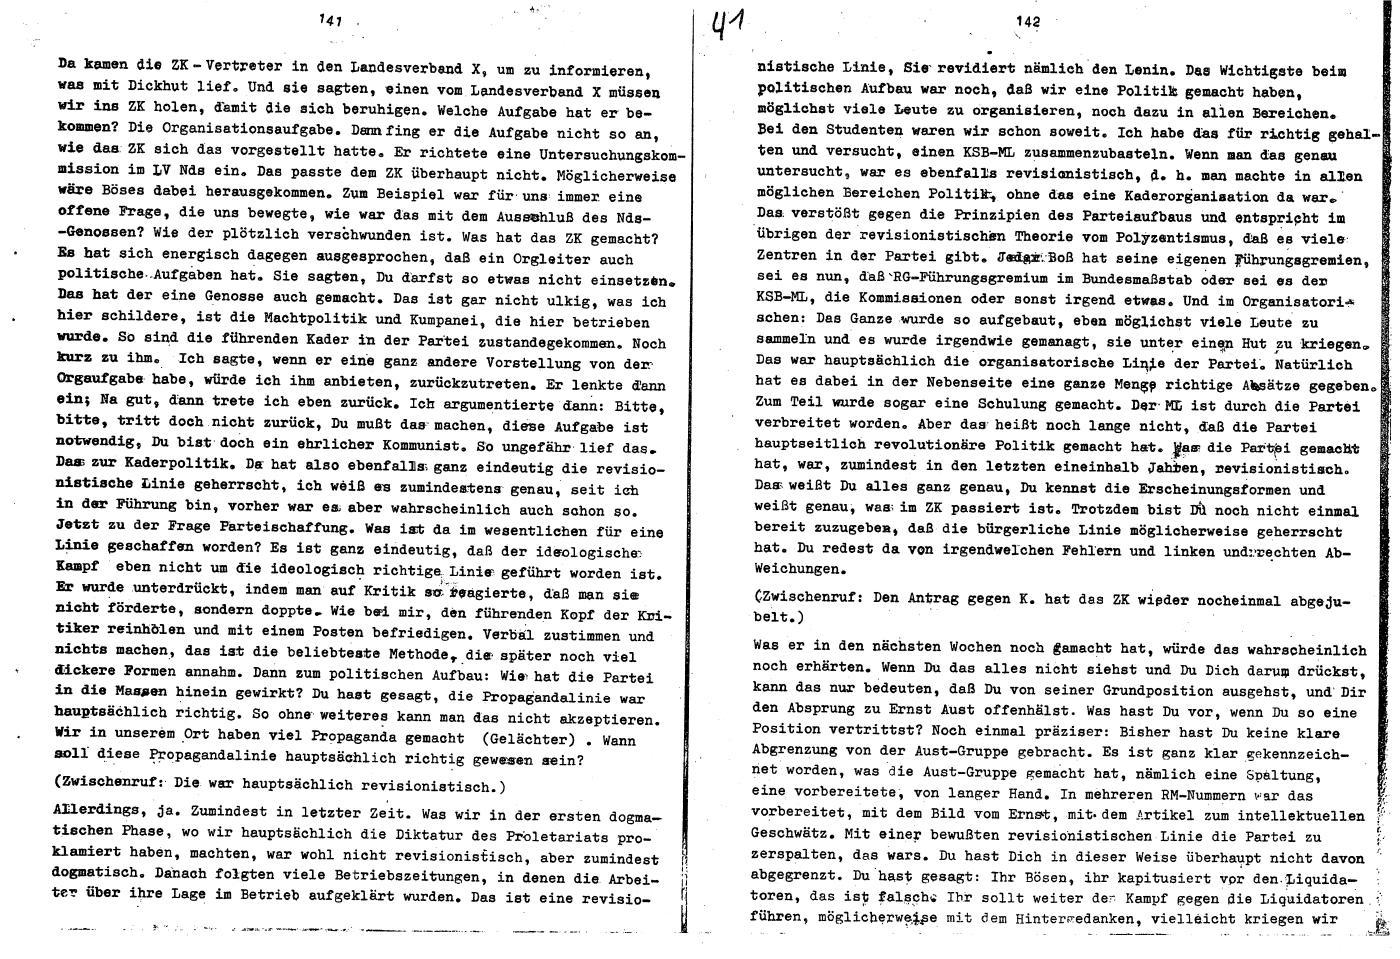 KPDML_1971_Wortprotokolle_aoPt_117